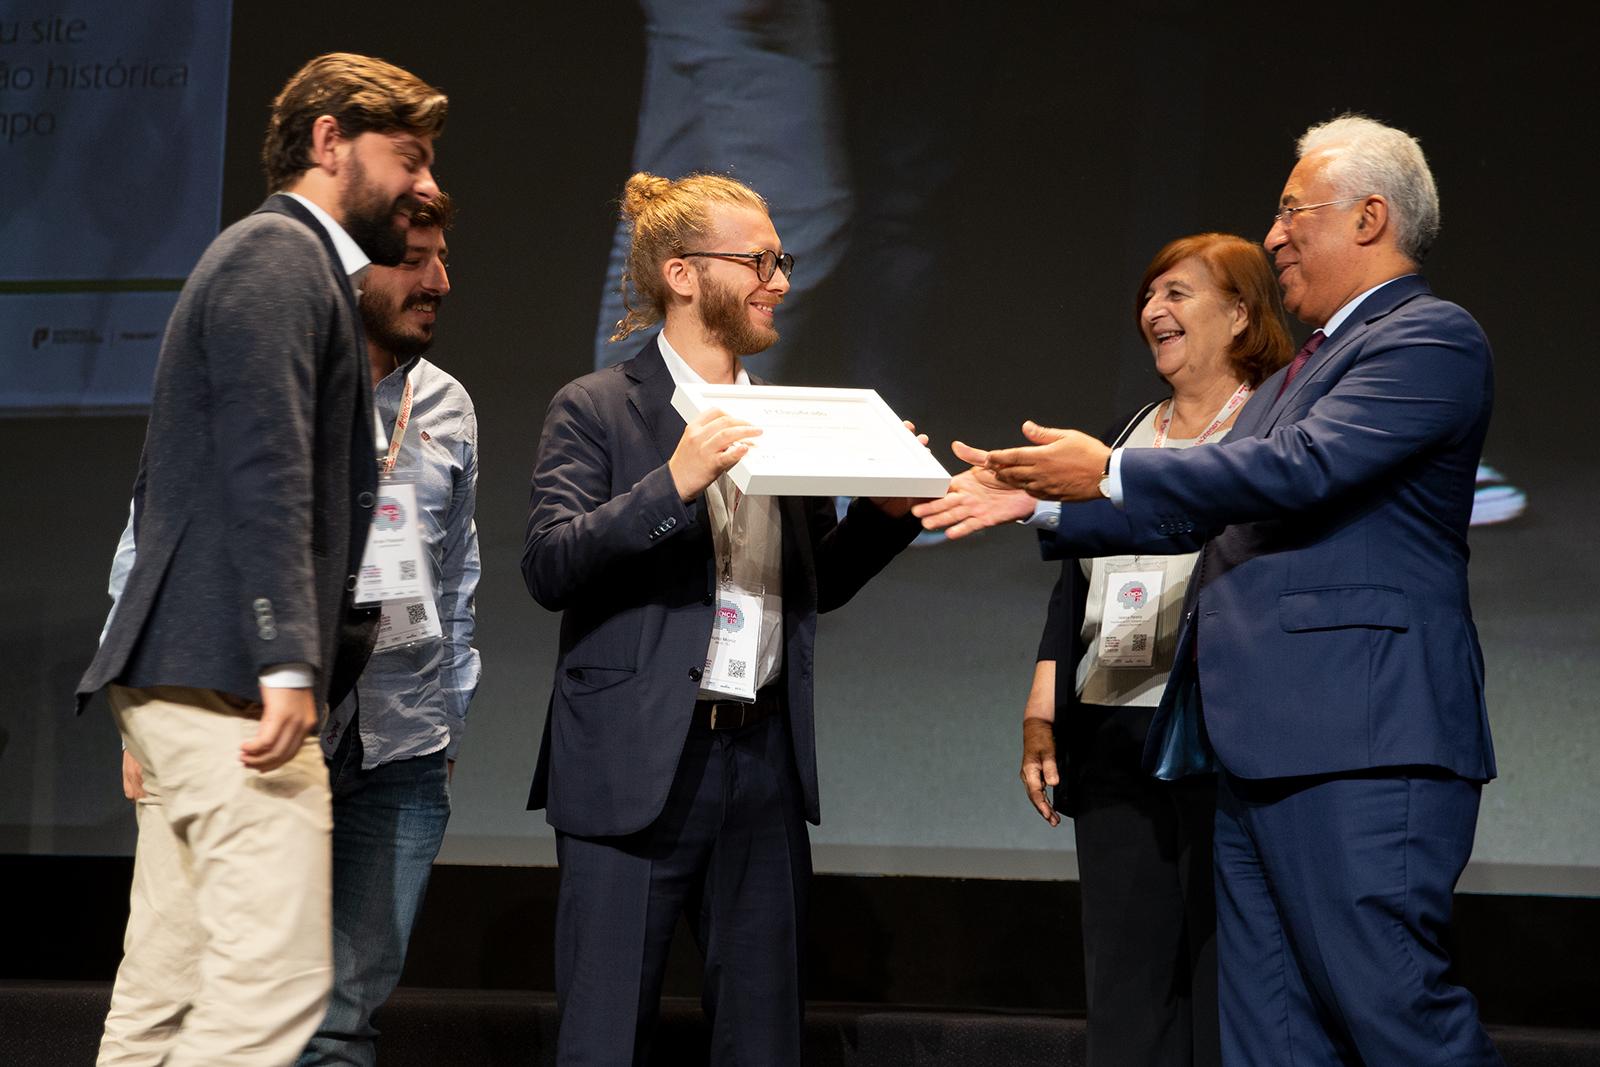 1º classificados do Prémio Arquivo.pt 2019: entrega do certificado pelo Primeiro Ministro António Costa